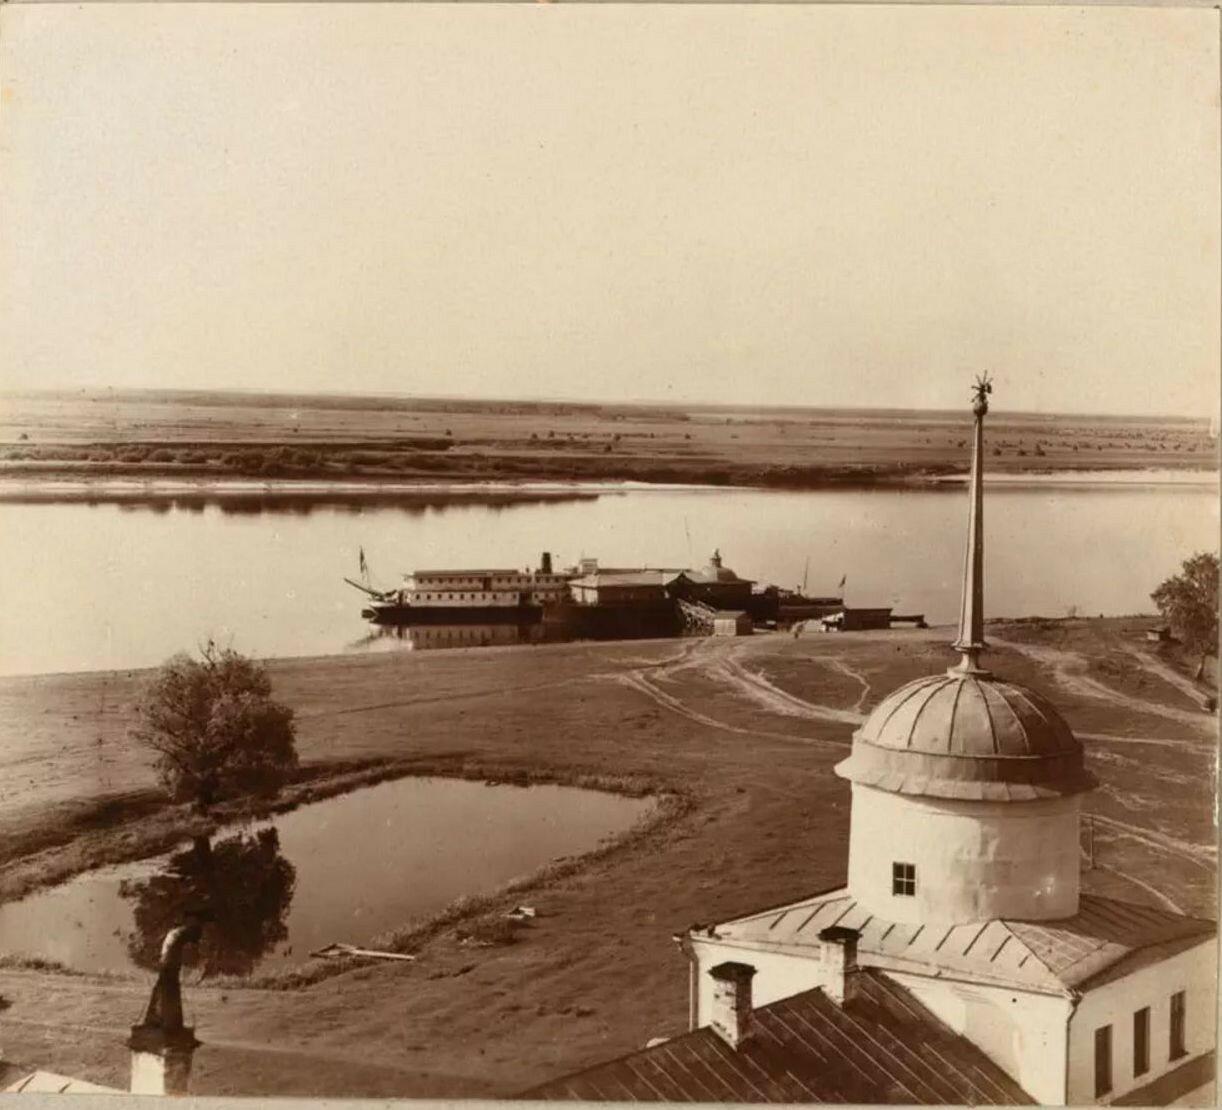 Николо-Бабаевский монастырь.  Пристань на берегу Волги возле монастыря